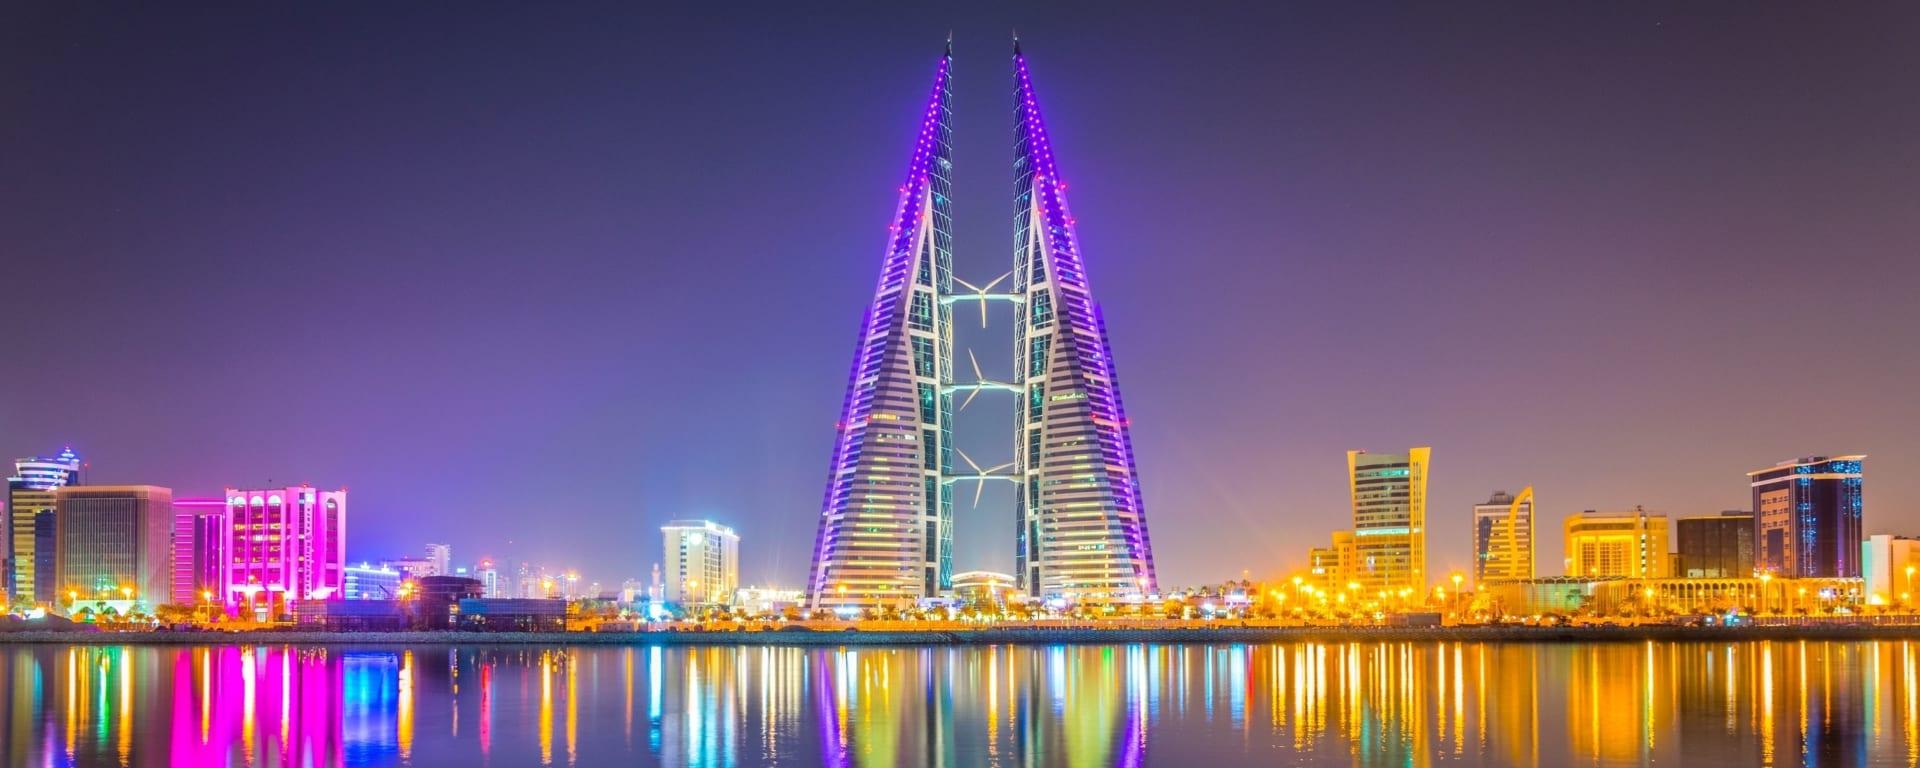 Bahrain entdecken mit Tischler Reisen: Bahrain Manama Skyline